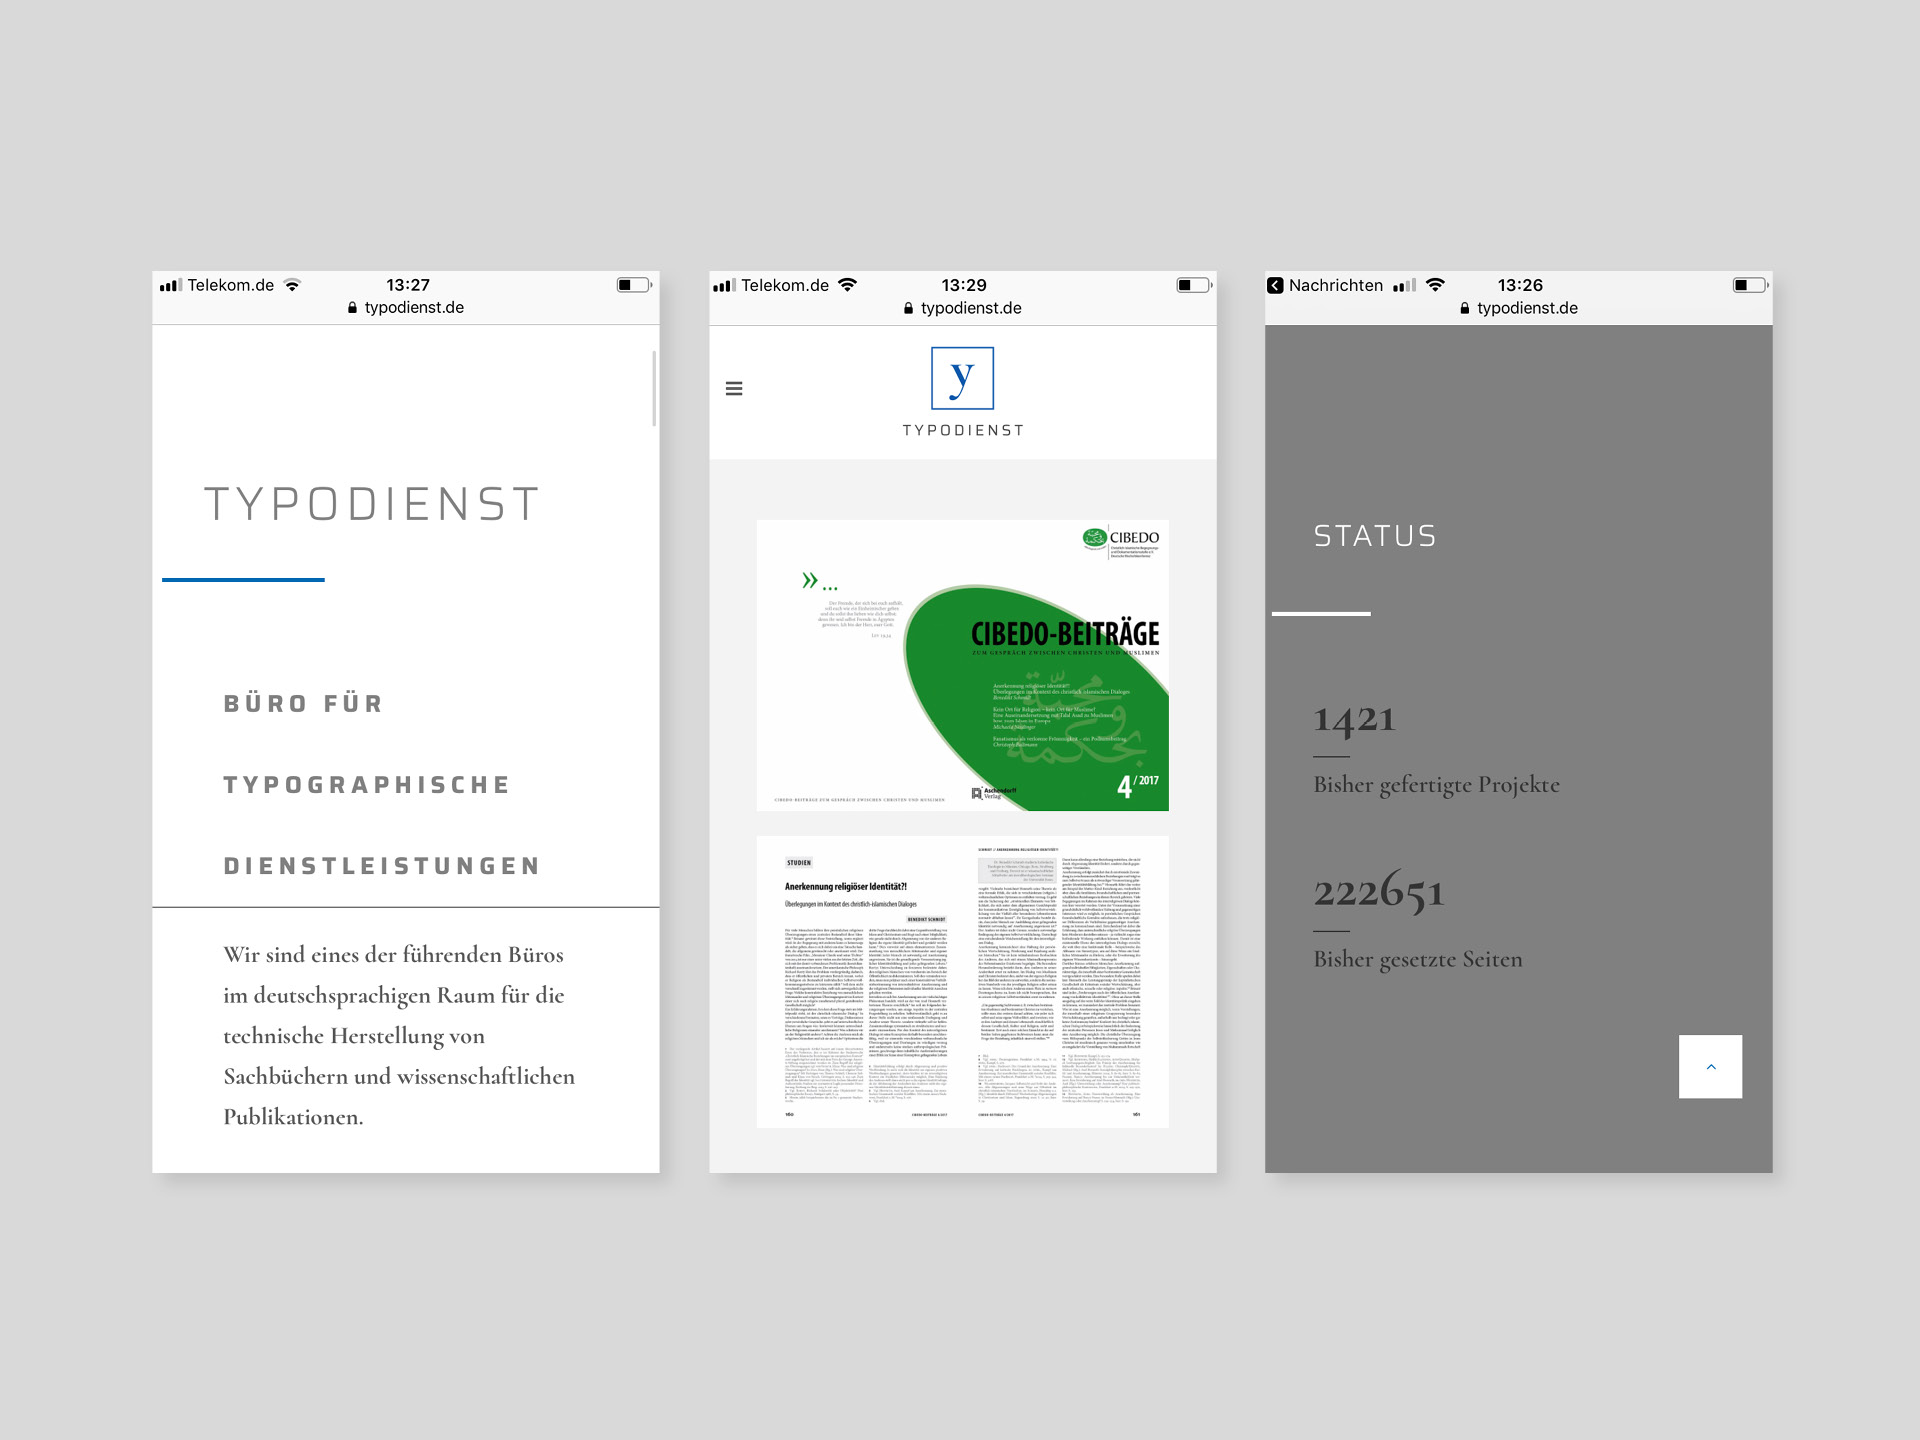 Web-Design, Typodienst, Logo, Design, Typo, Layout, Konzept, Altenberge, Studio Auckz